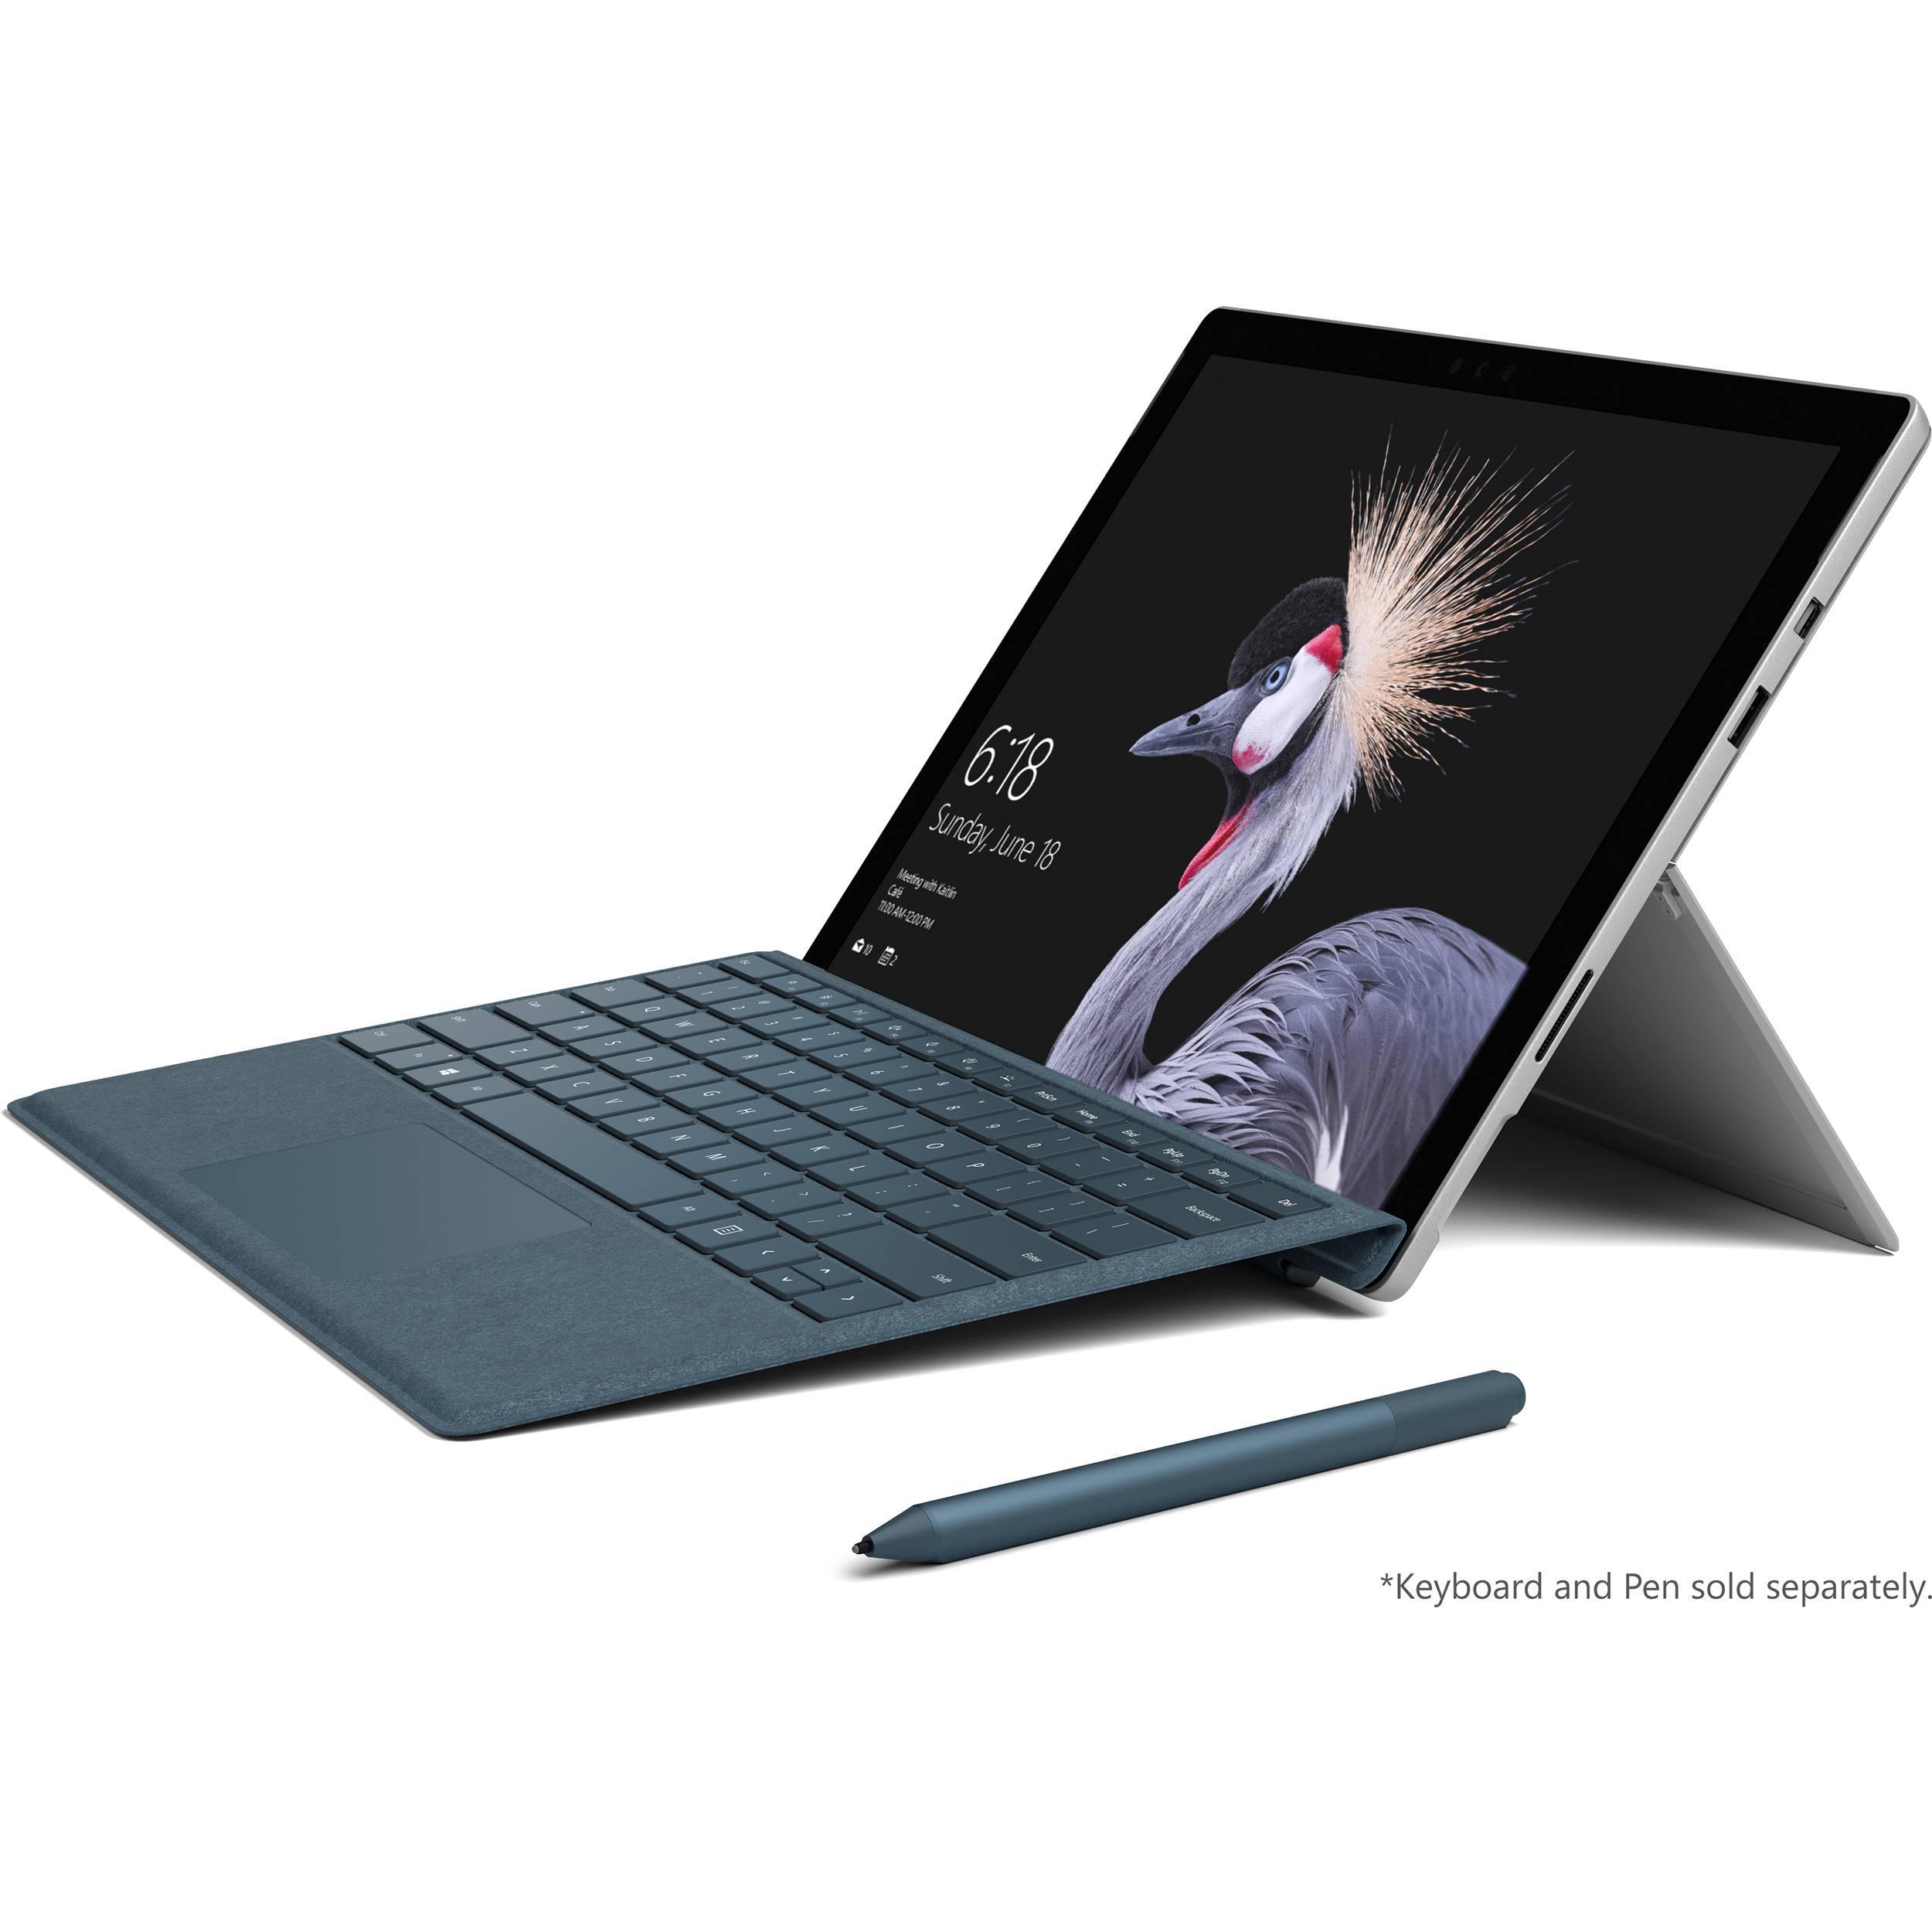 Microsoft Surface Go 8G+128GB - Nguyên Seal + Type Cover+ Tặng Gói Quà Tặng 500k Siêu Ưu Đãi tại Lazada